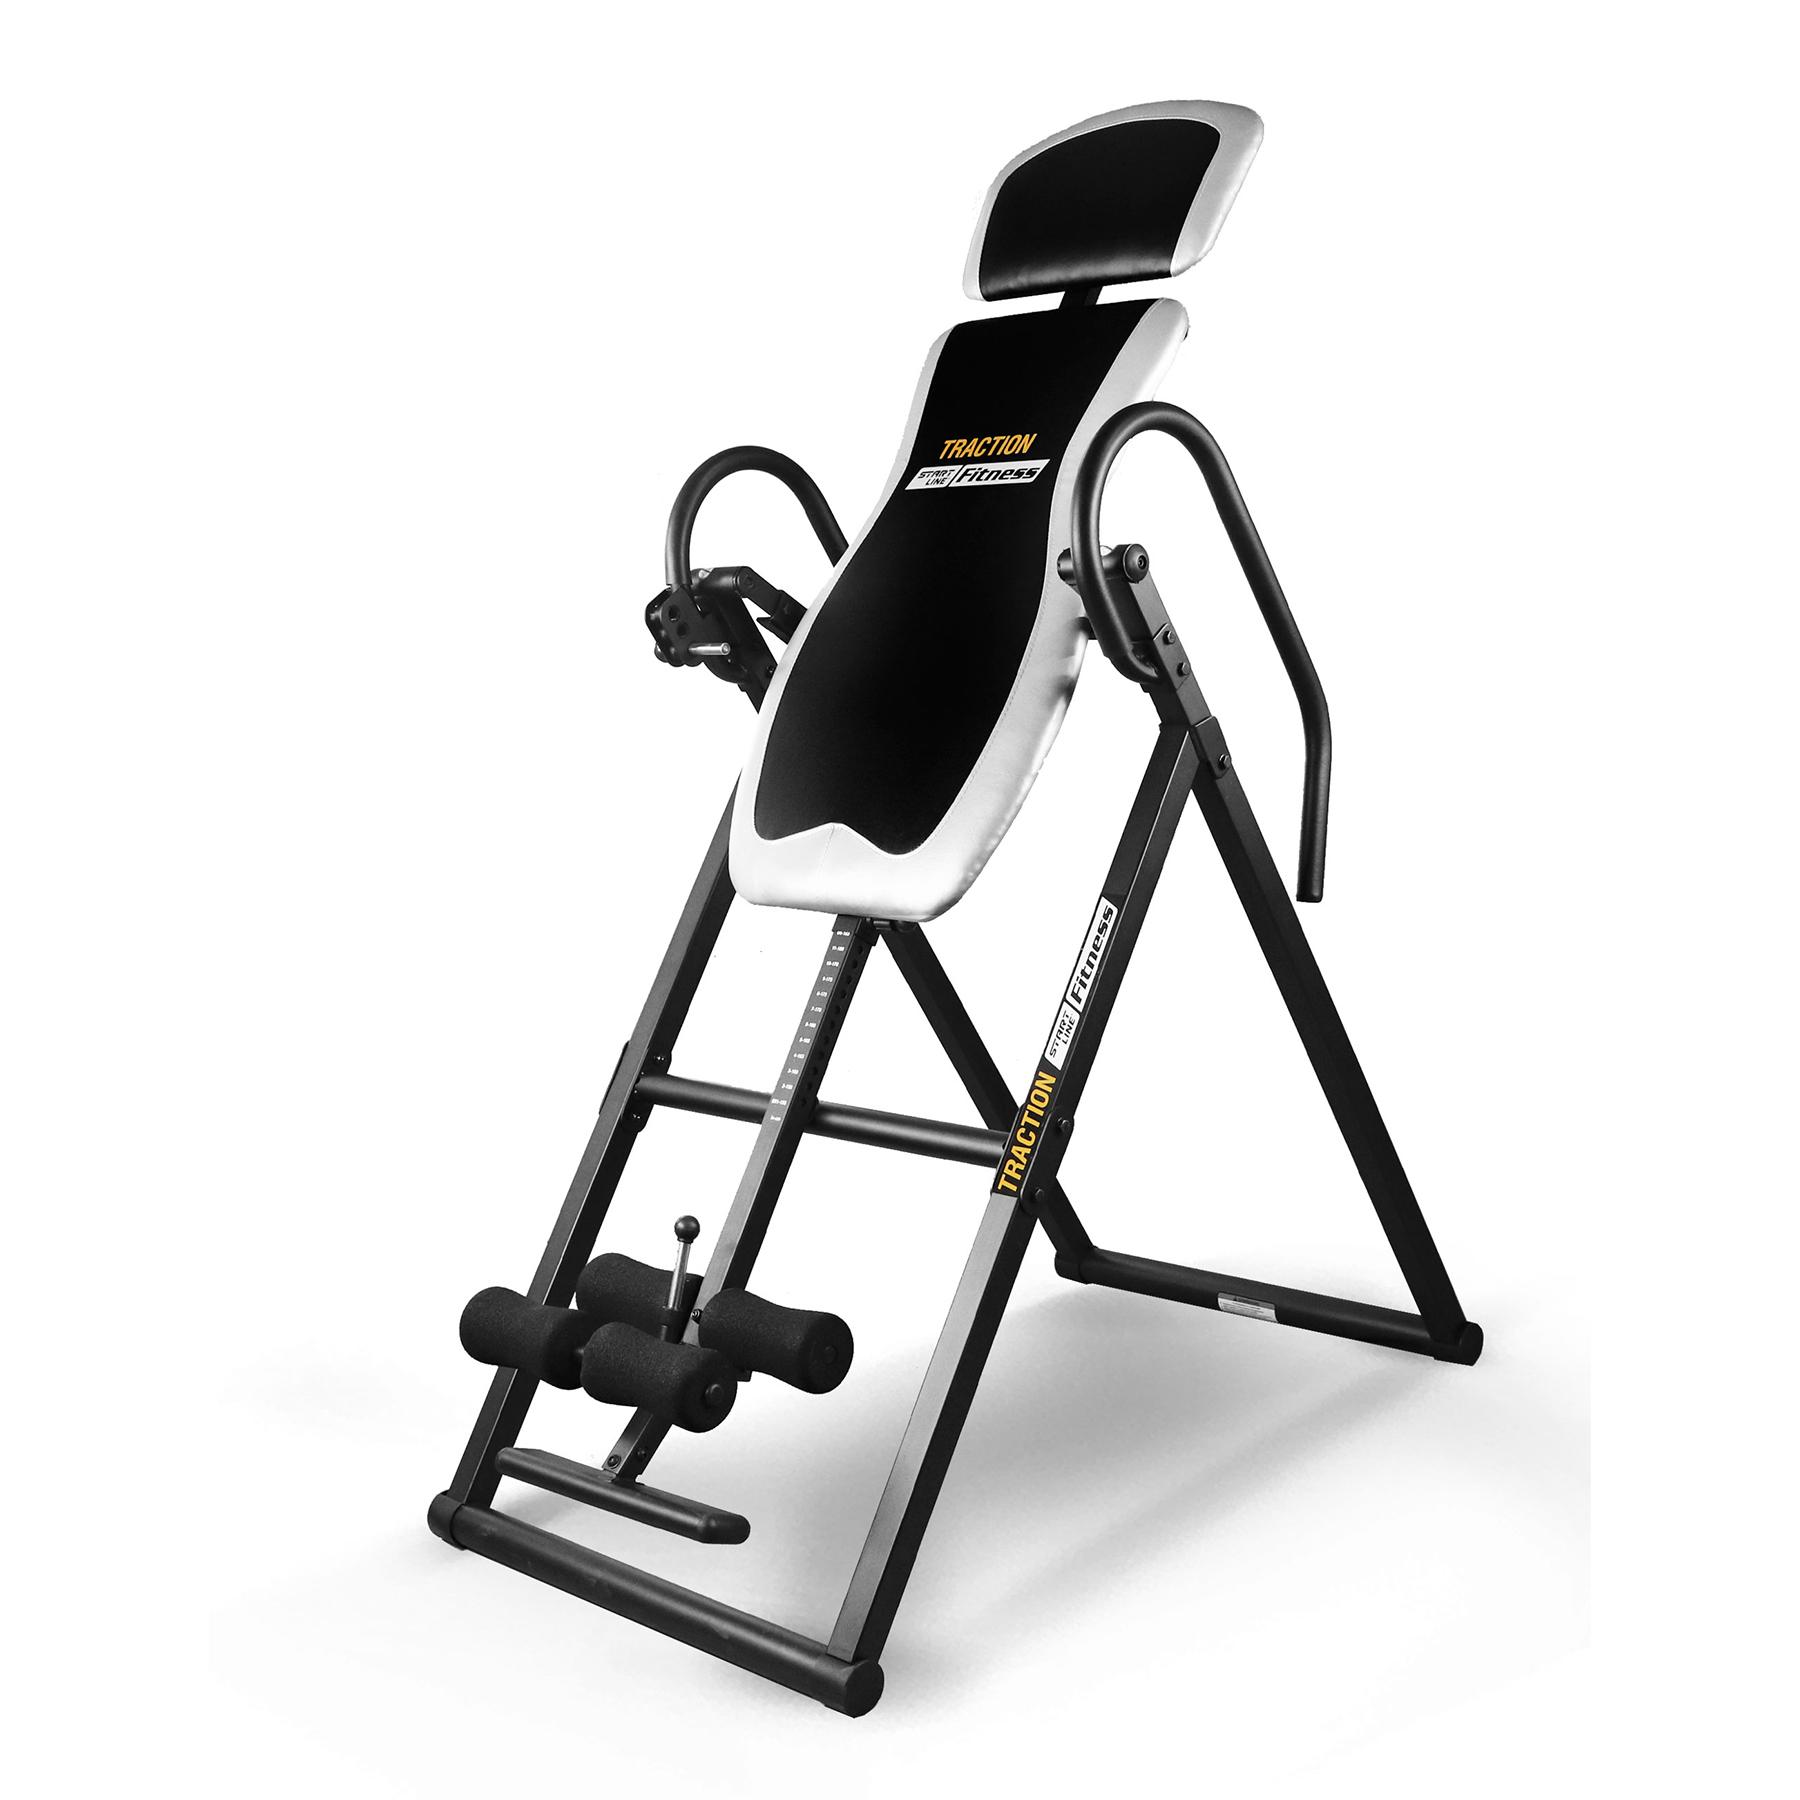 Велотренажер магнитный BC 1720 маховик 4,0 кг, макс вес пользователя 100 кг НОВИНКА!!!